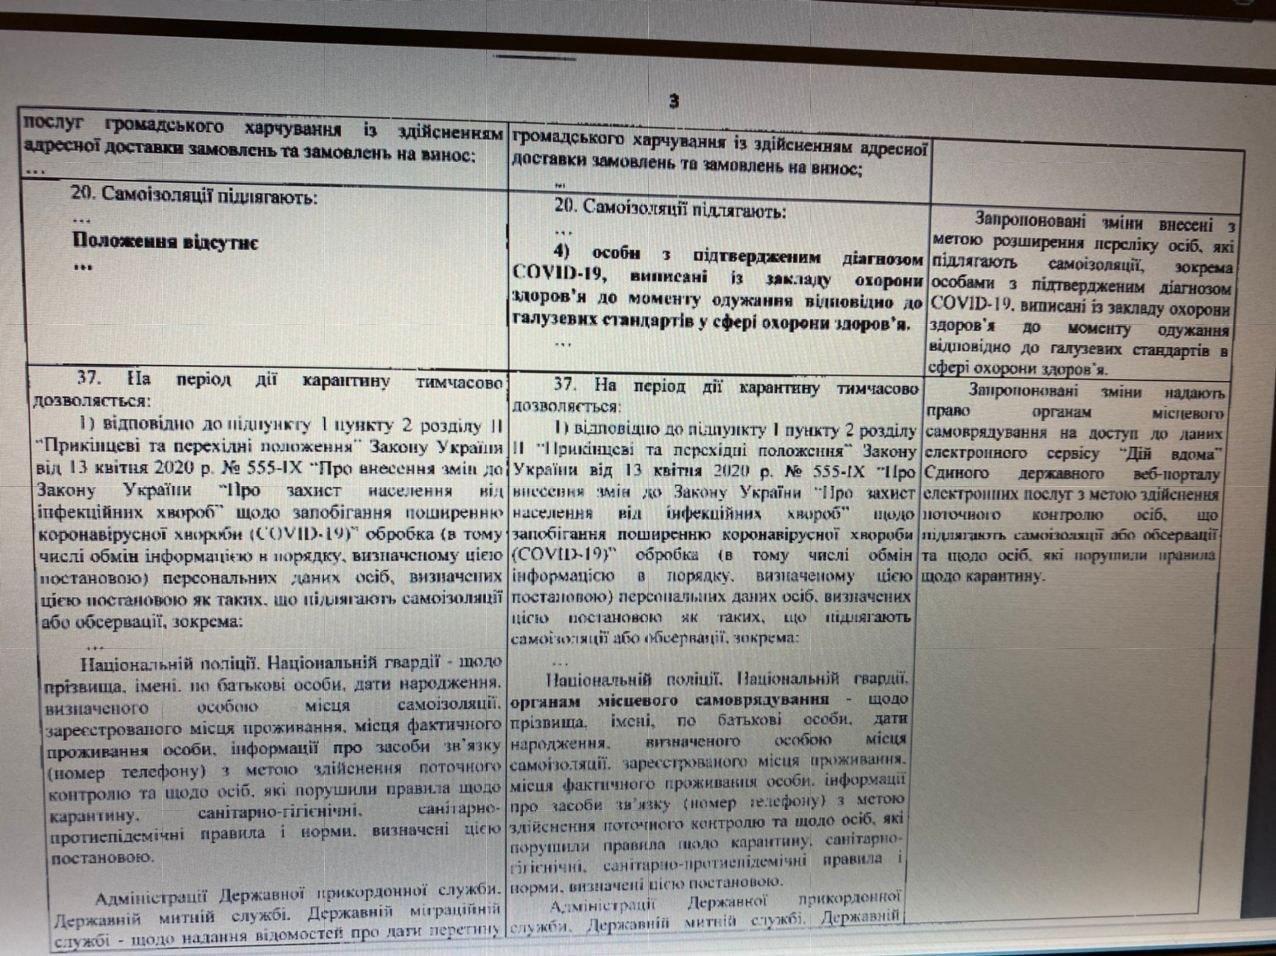 Решение принято: адаптивный карантин в Украине продлили до 1 ноября, фото-2